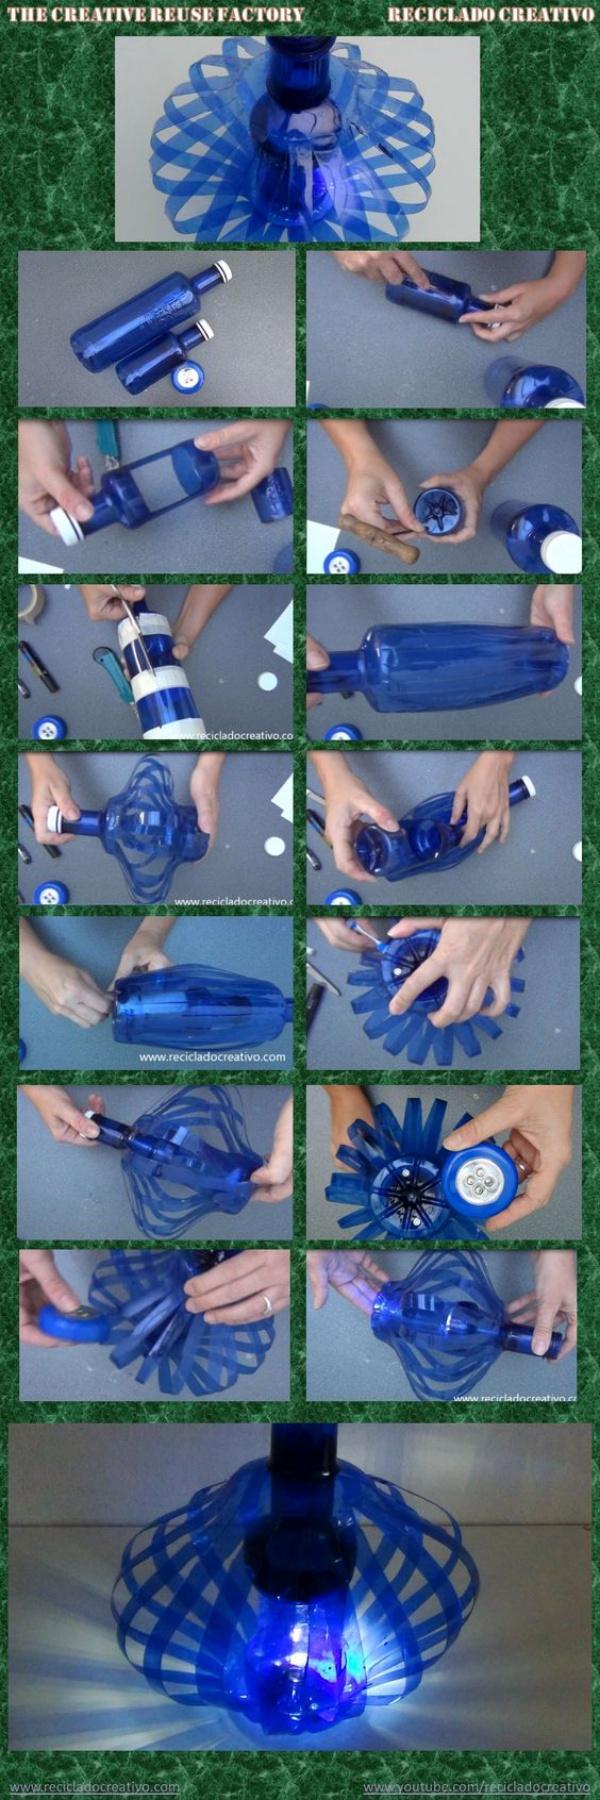 Reuse Waste Plastic Bottles